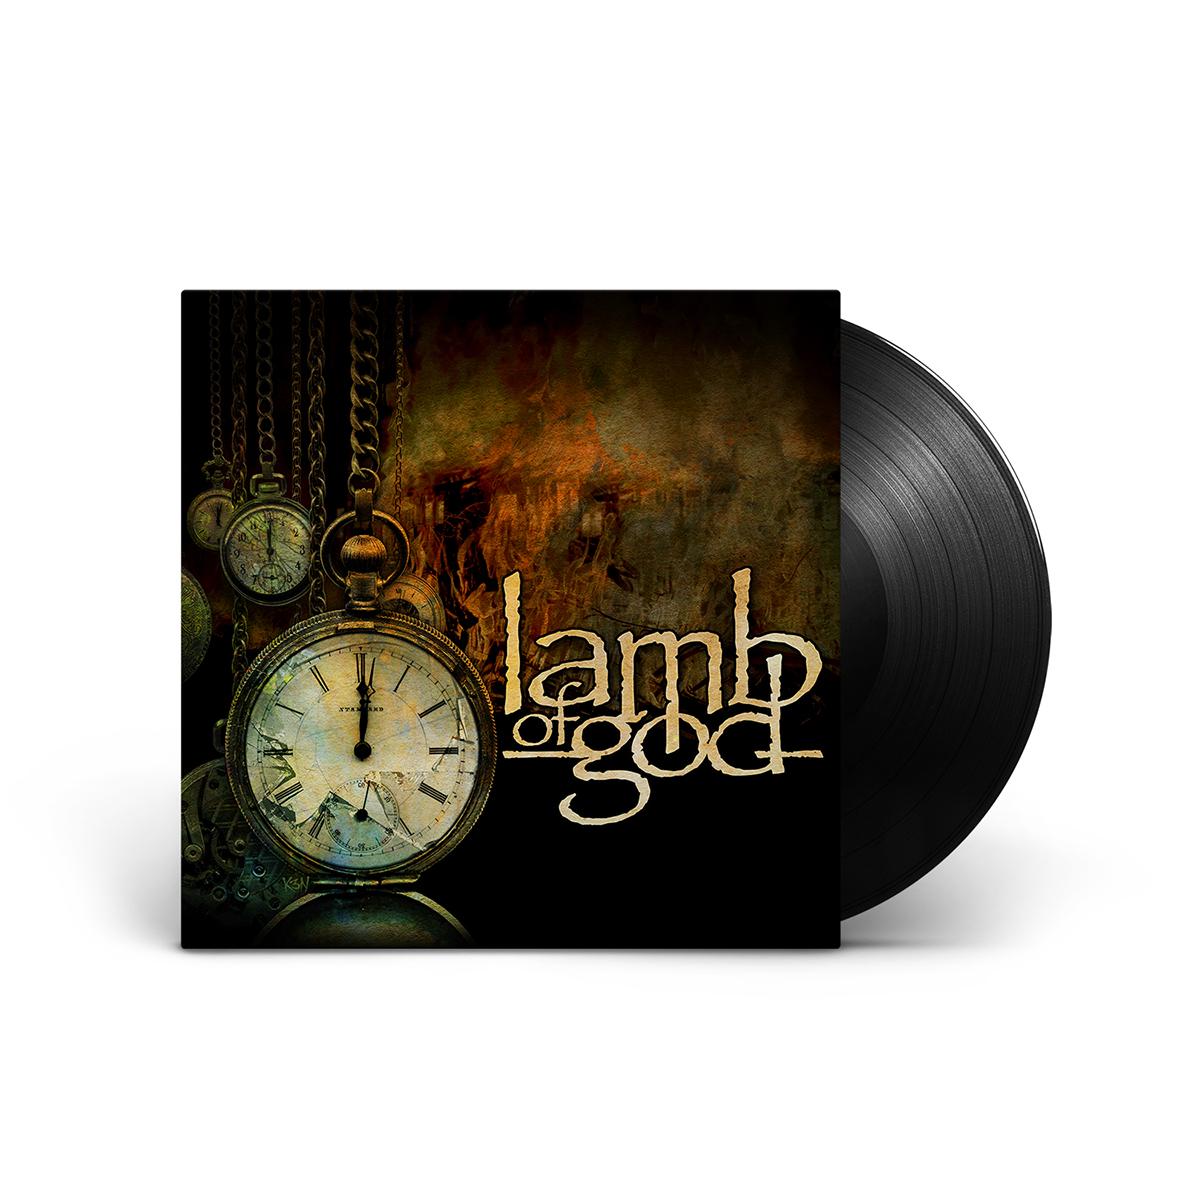 Lamb of God Standard Vinyl + Digital Download